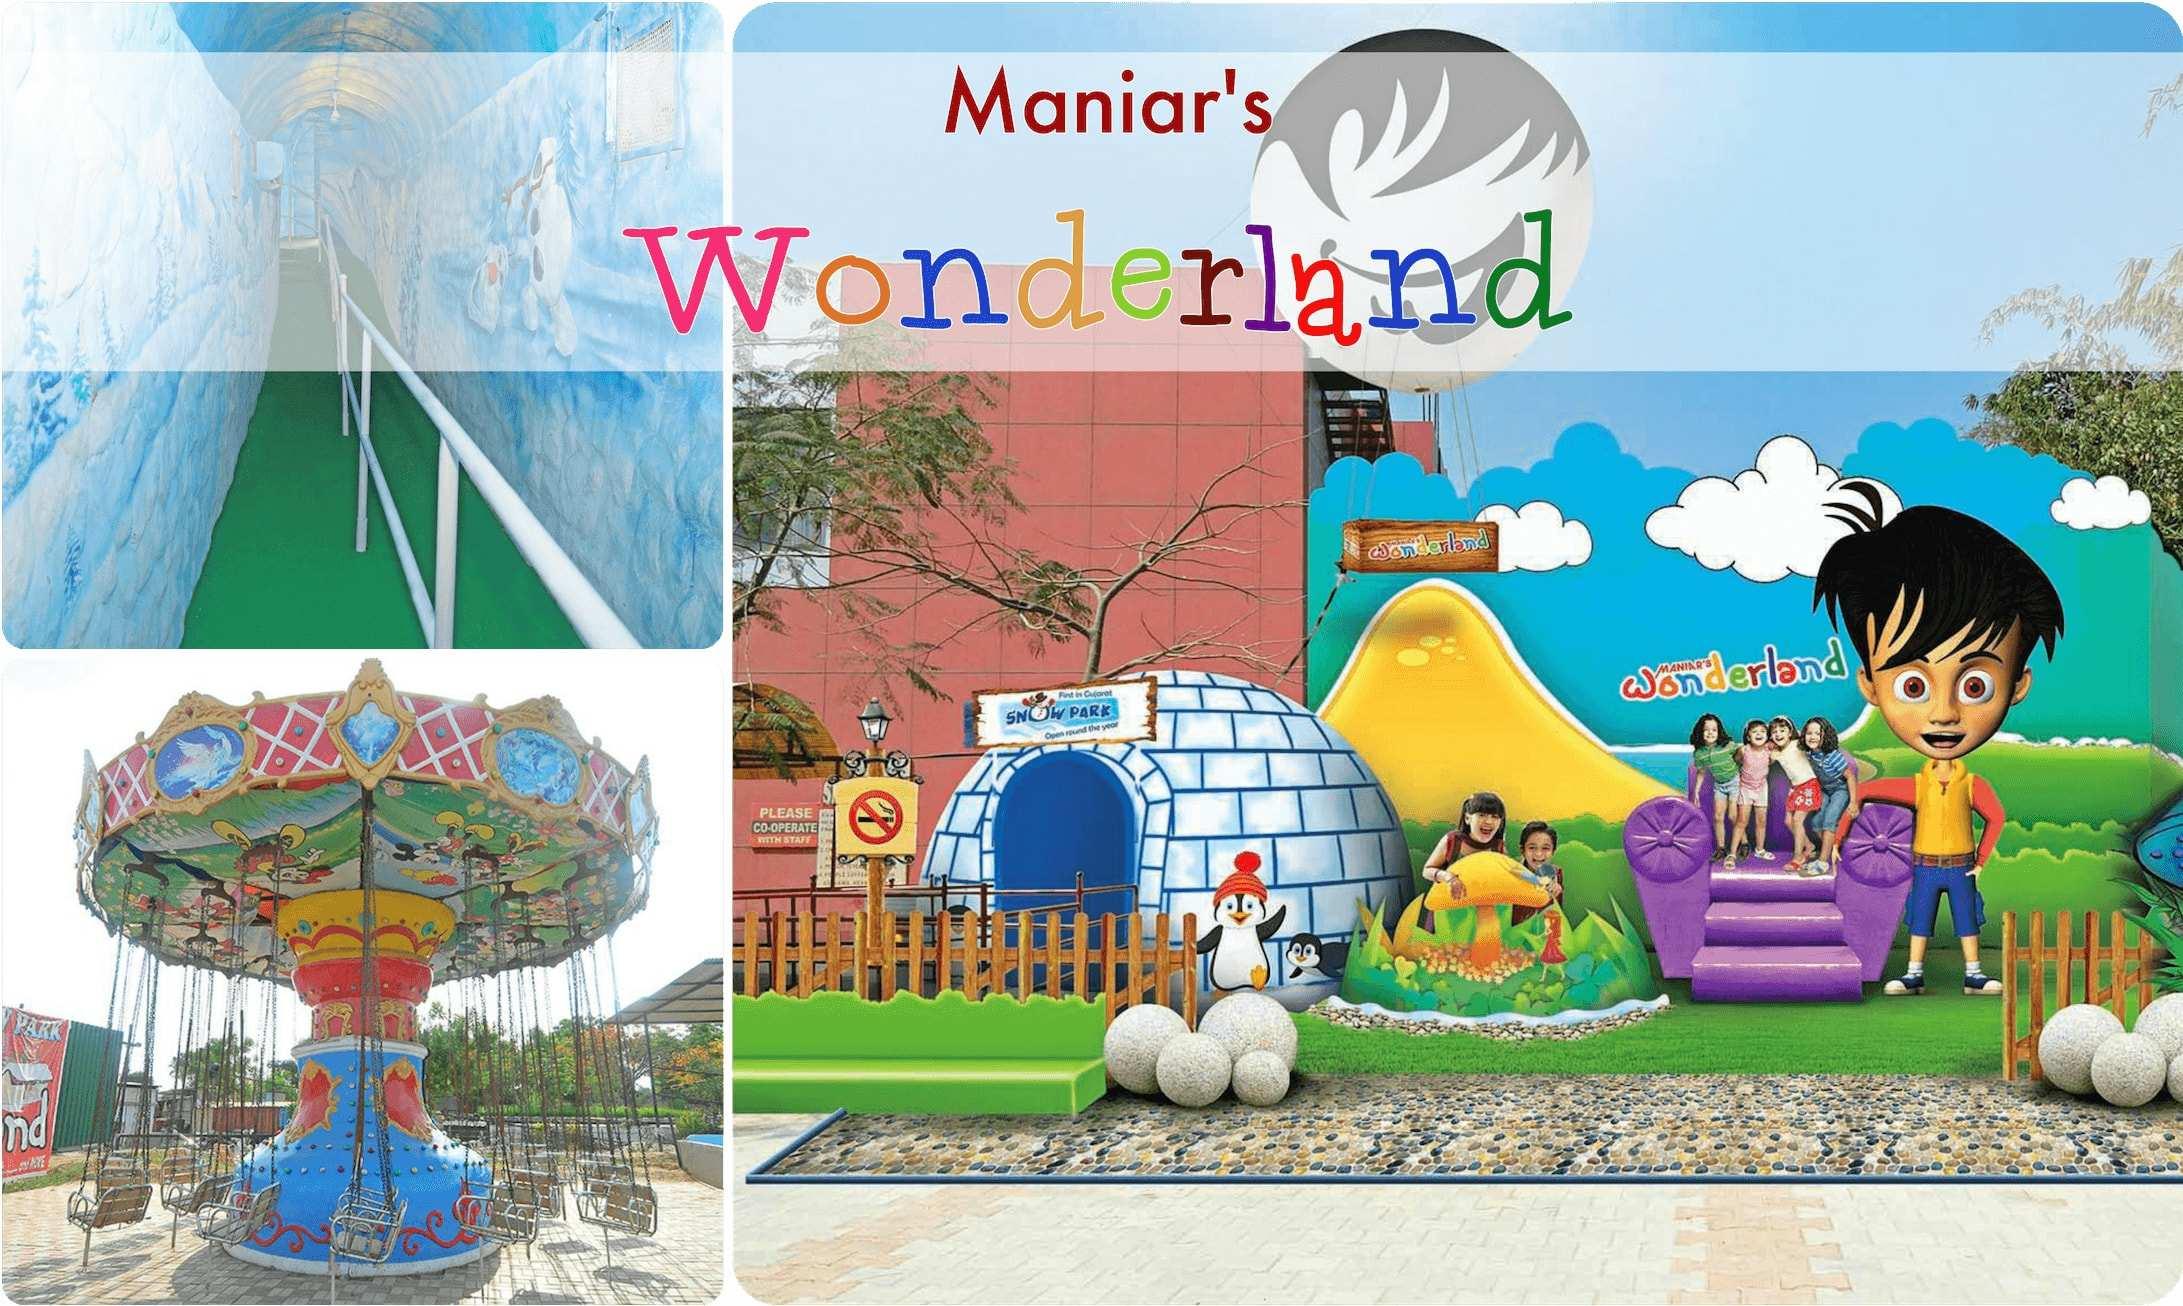 Maniars-wonderland-Ahmedabad.jpg